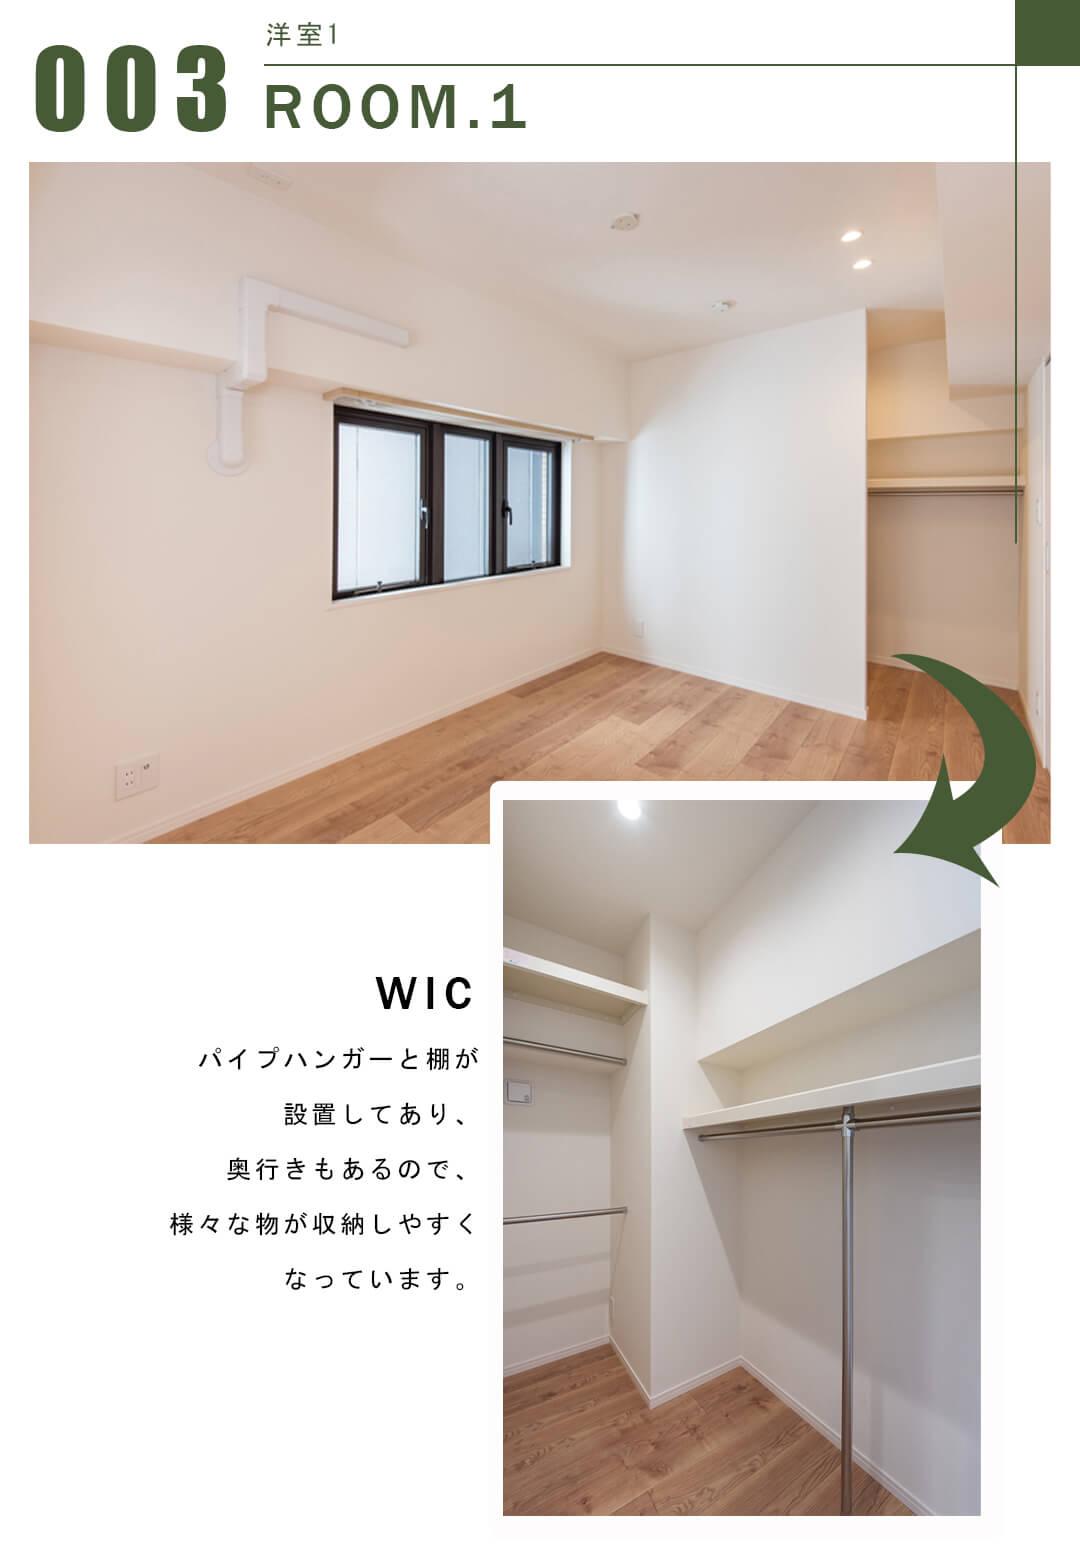 004洋室,ROOM.1